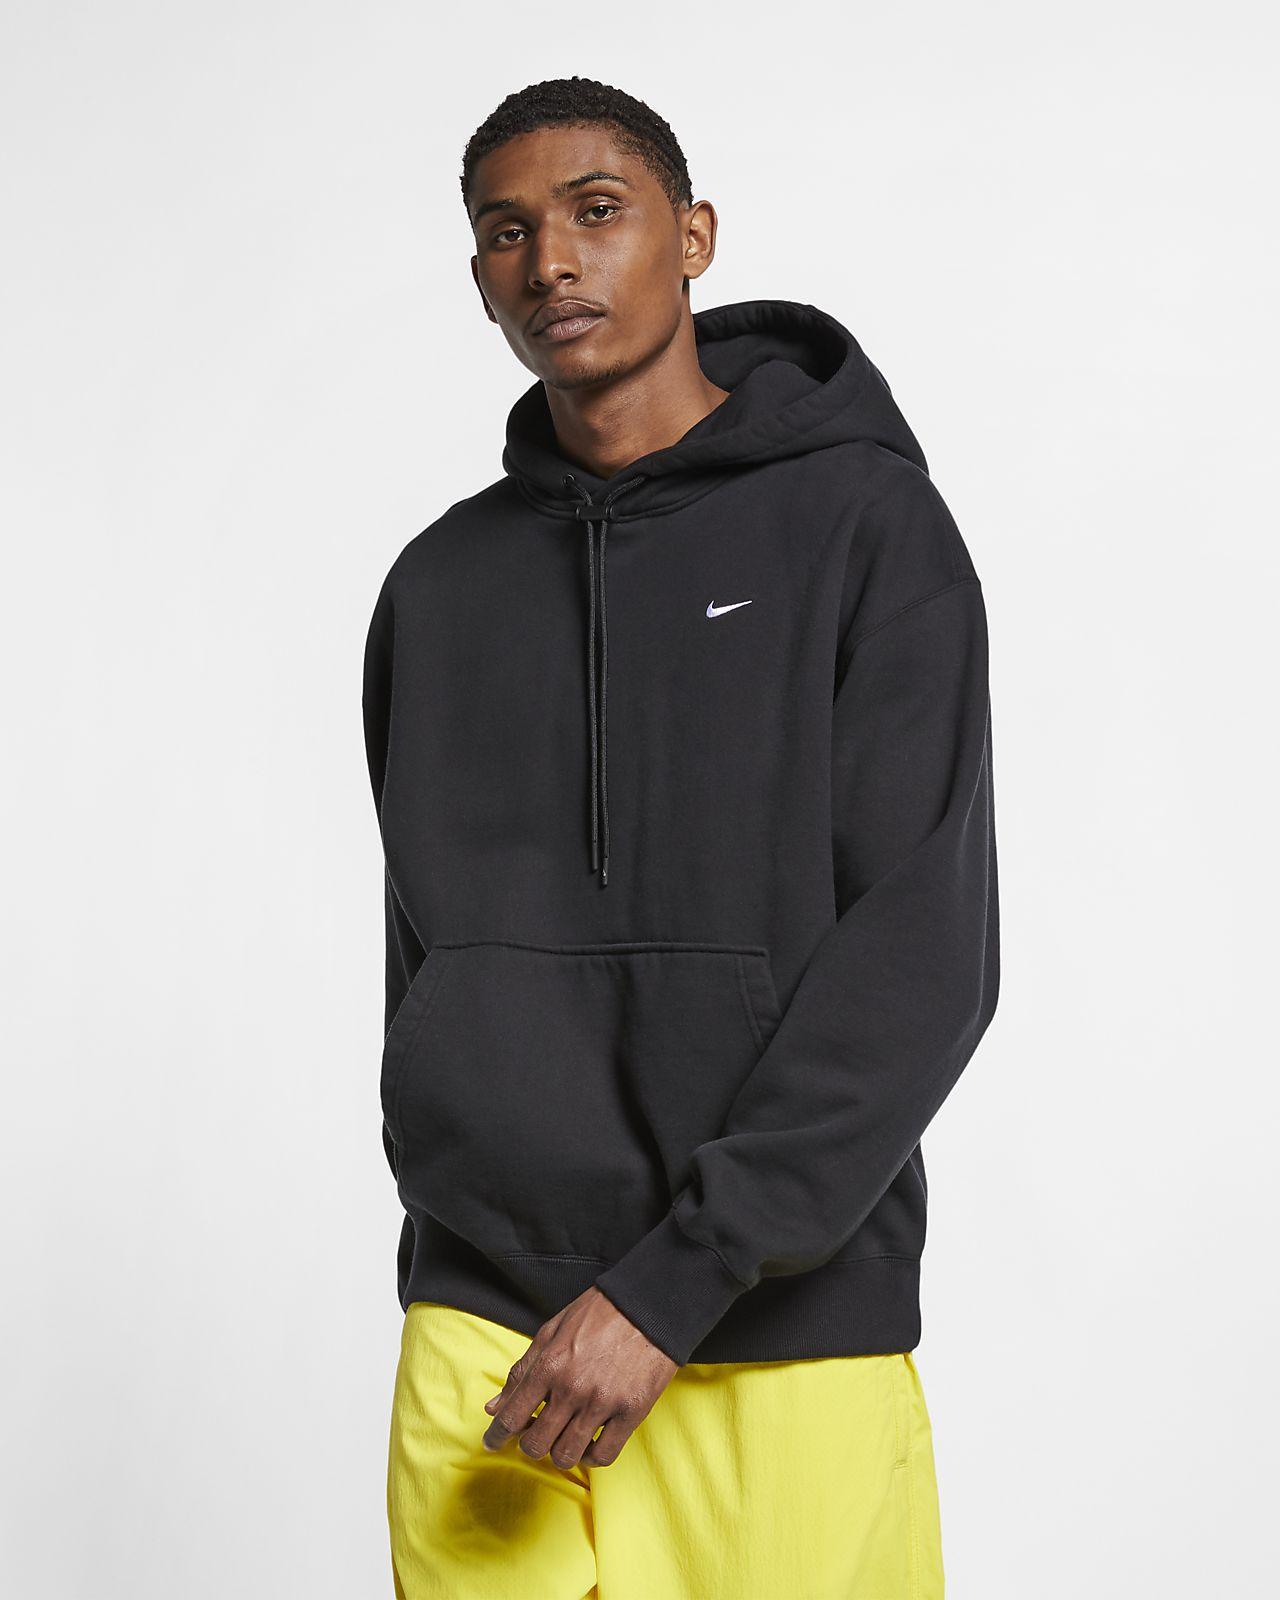 เสื้อมีฮู้ดผู้ชายแบบสวม NikeLab Collection